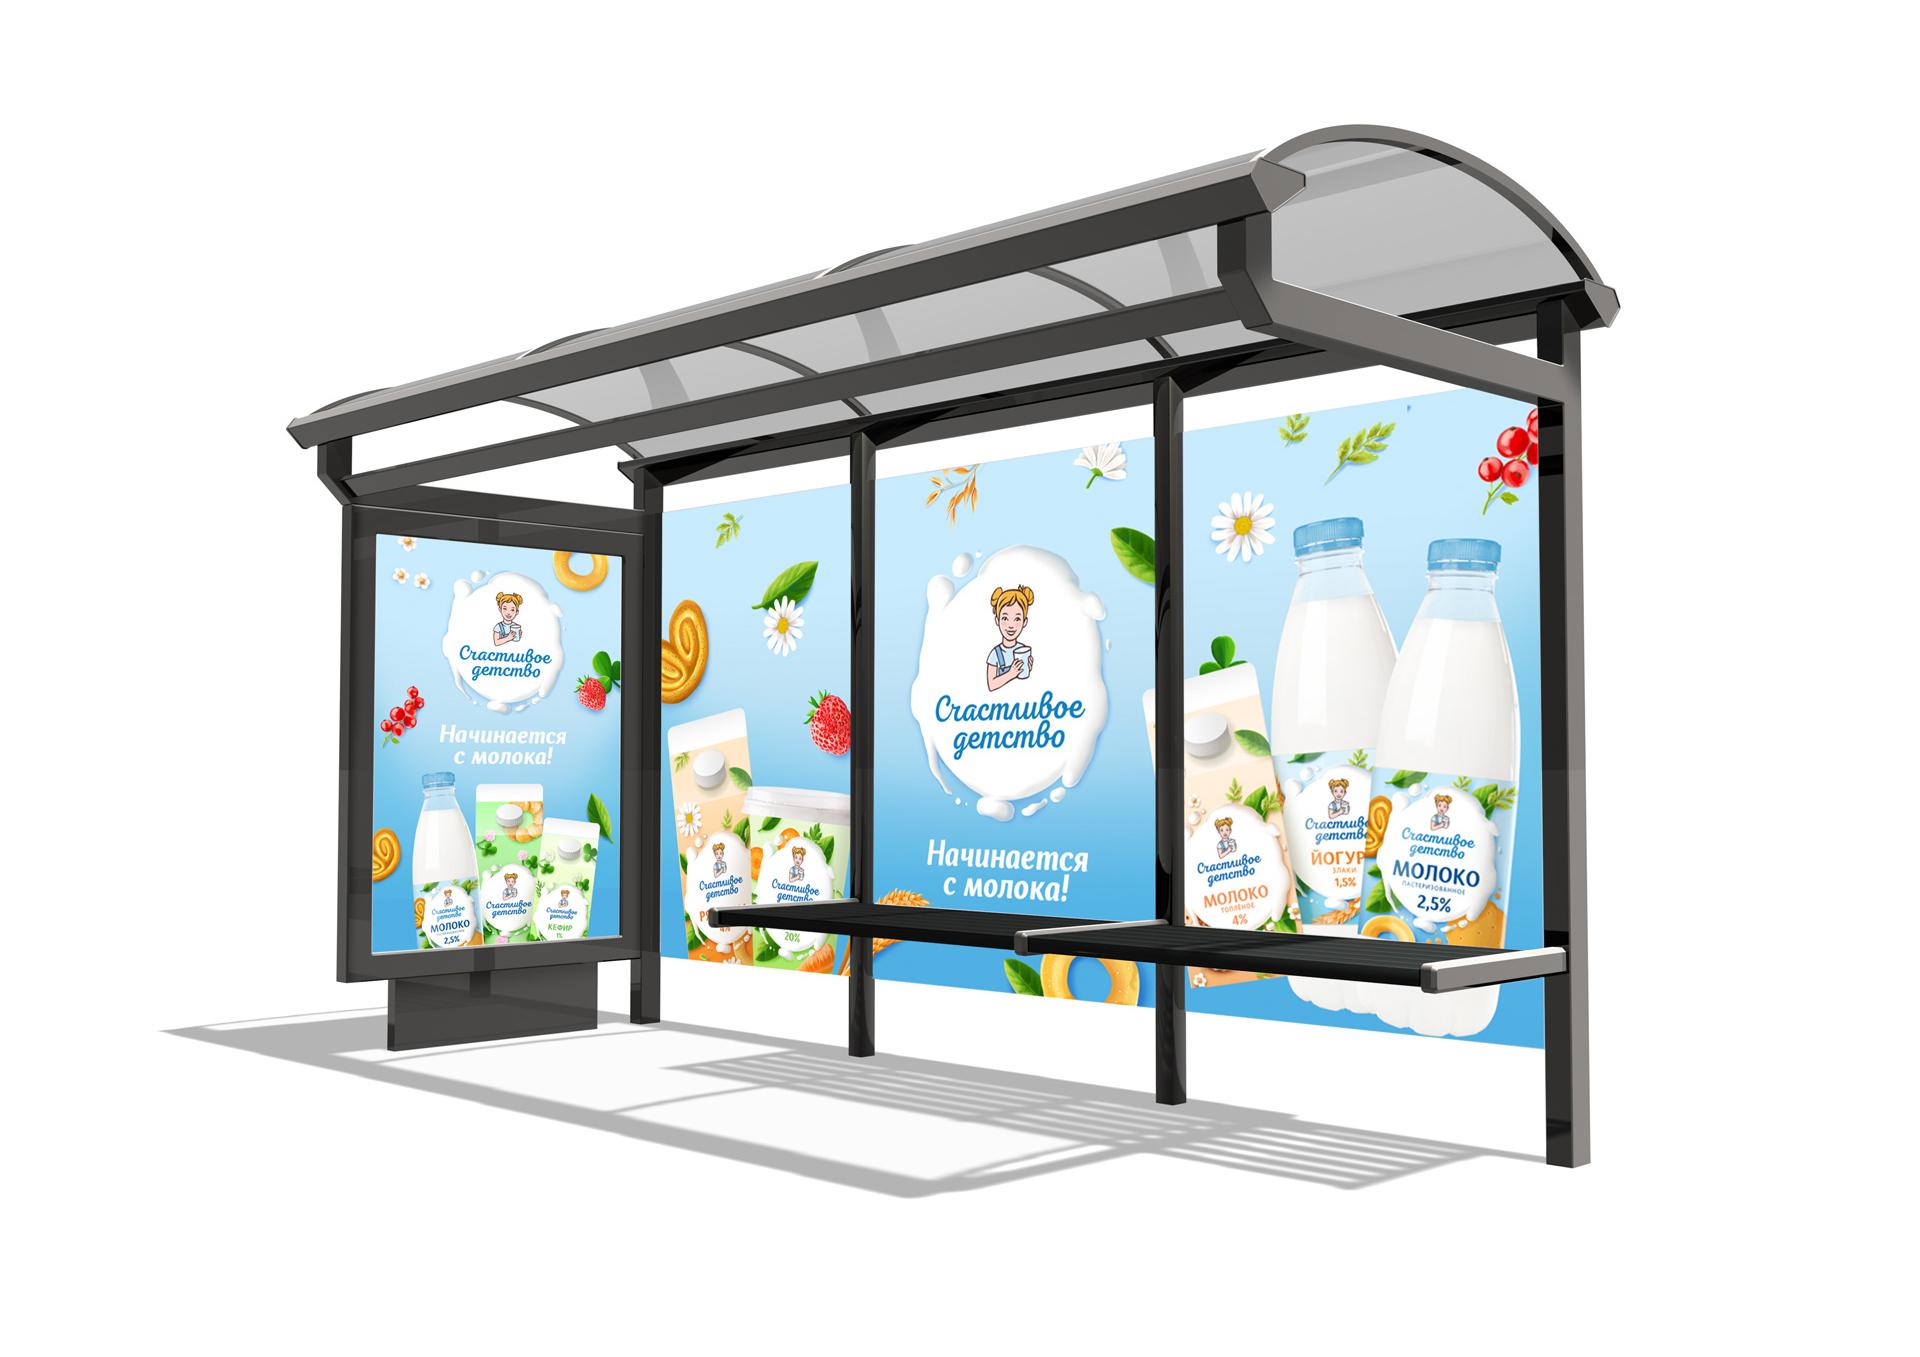 Коммуникационная стратегия бренда предполагает высокую рекламную активность и использование множества различных типов рекламных носителей